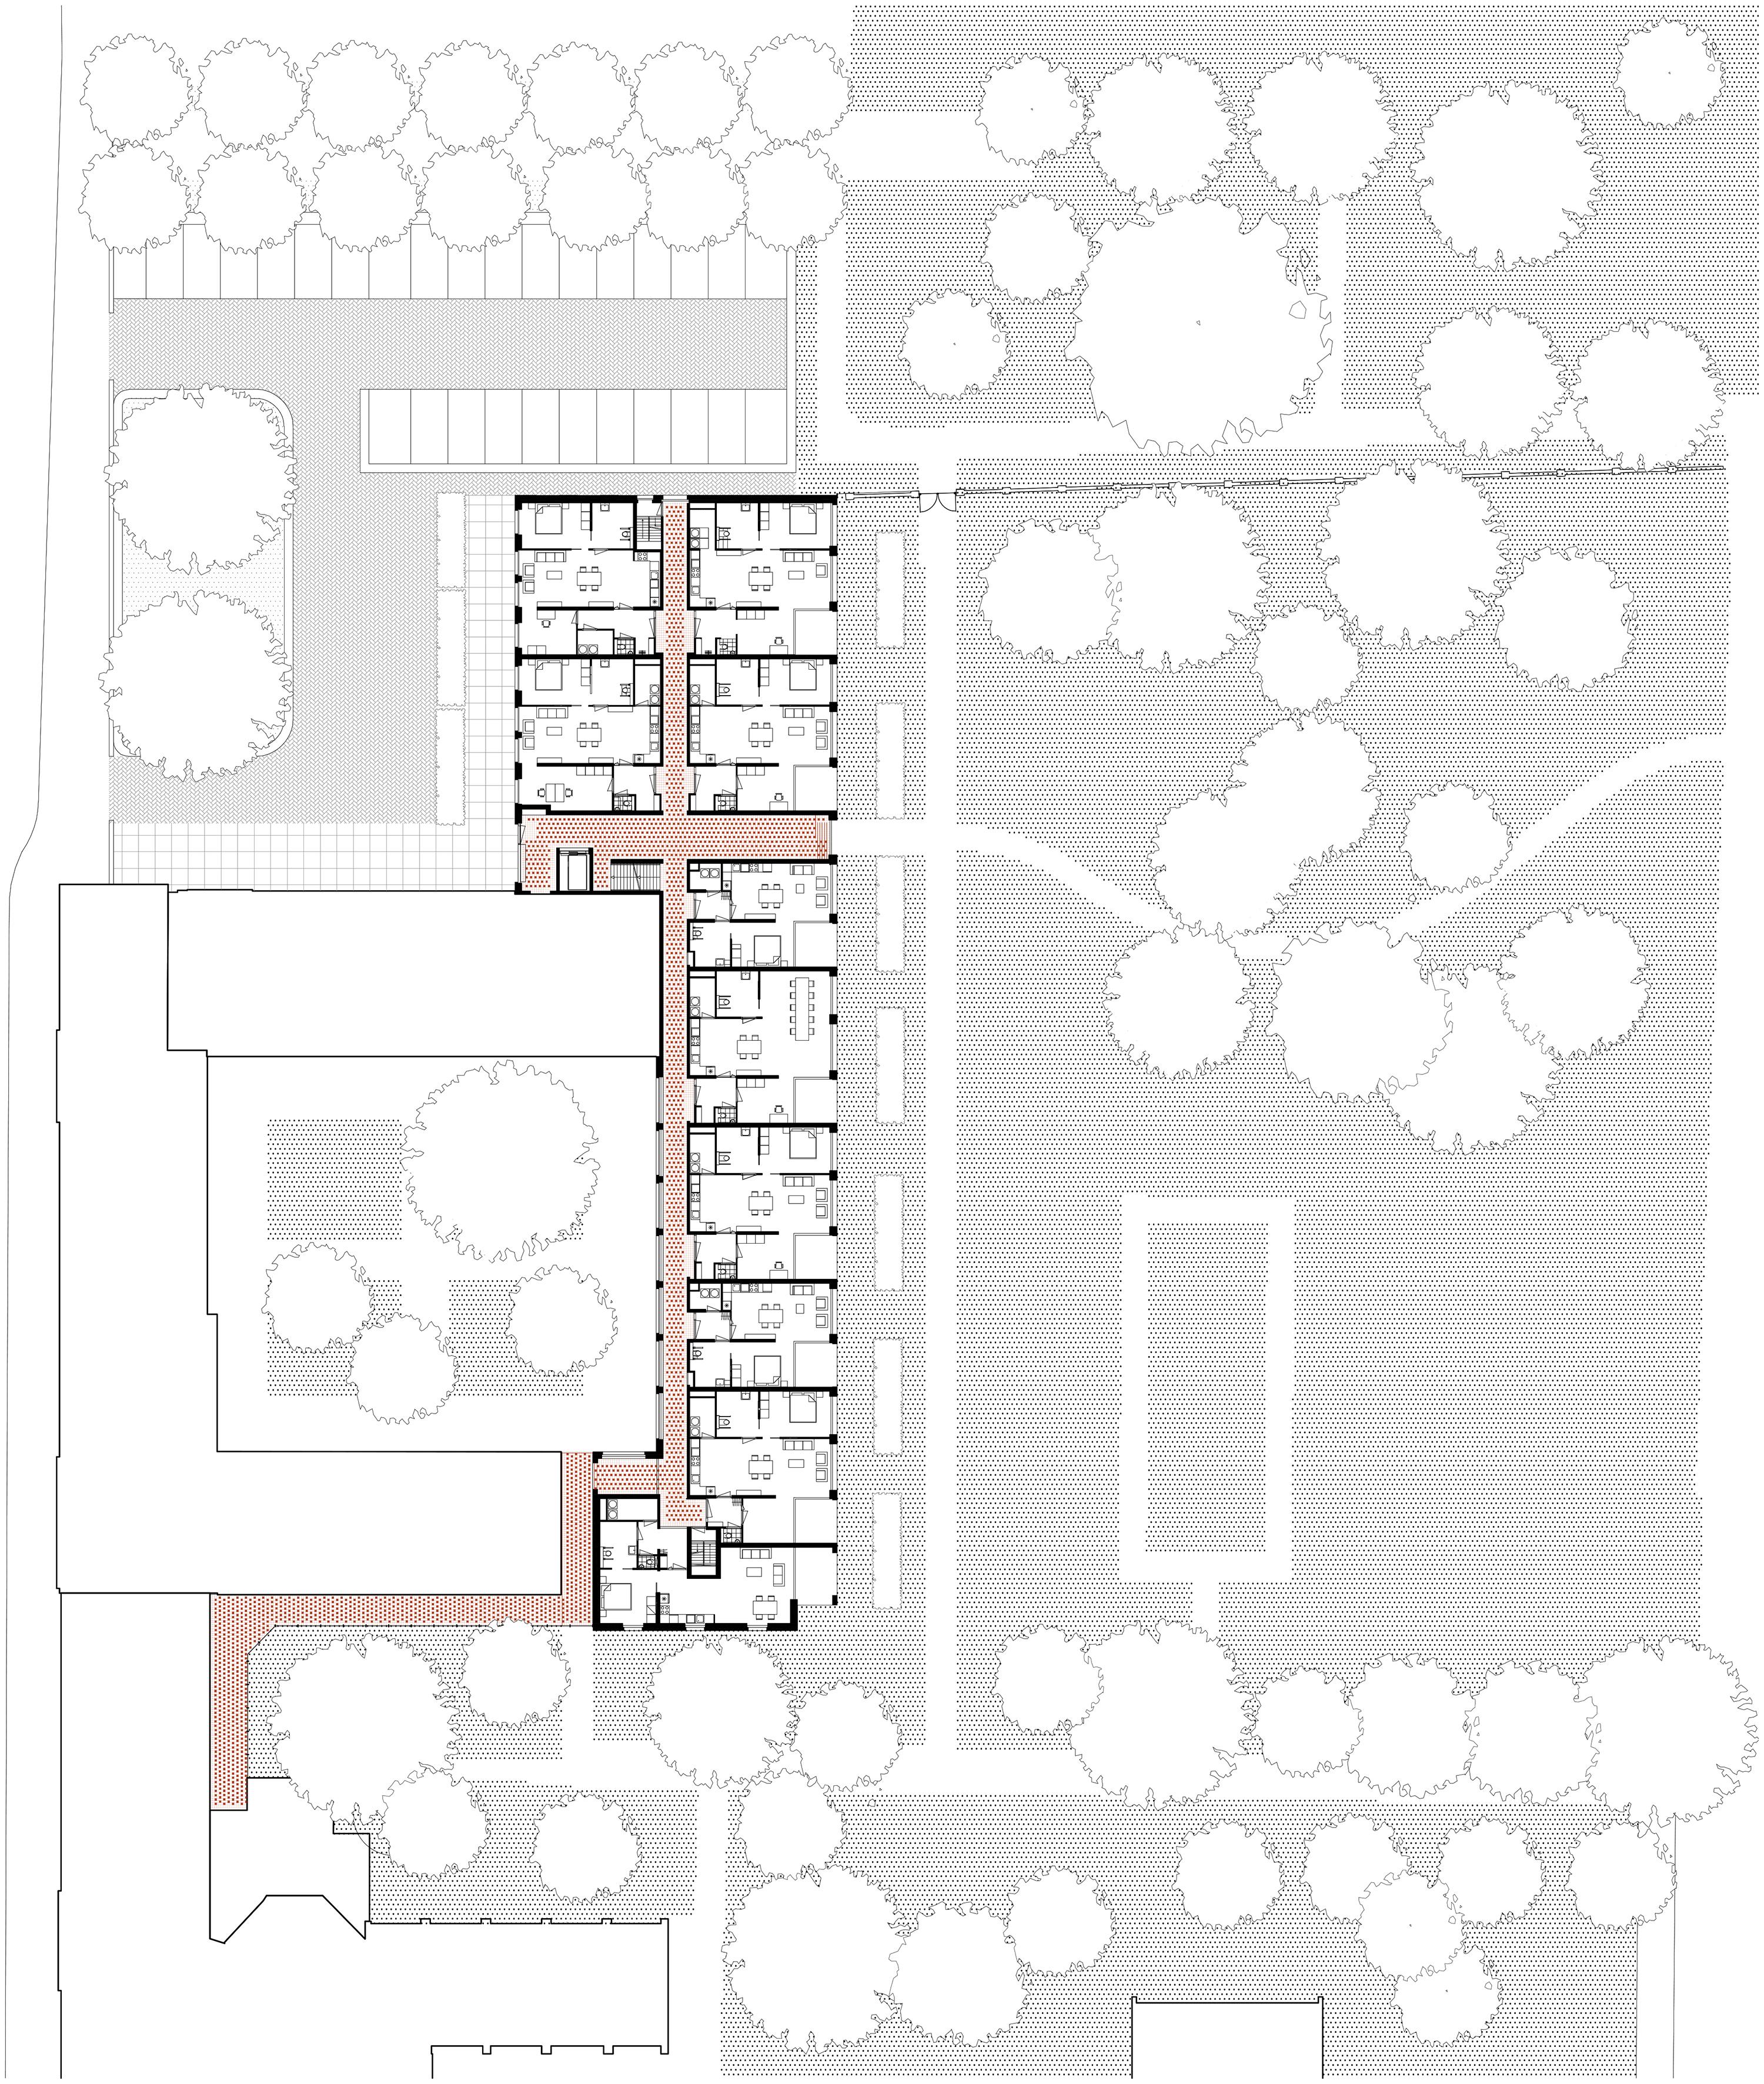 <p>Plattegrond  volledige blok Woongebouw 1 voor Klooster Oude Dijk te Tilburg door Shift</p>